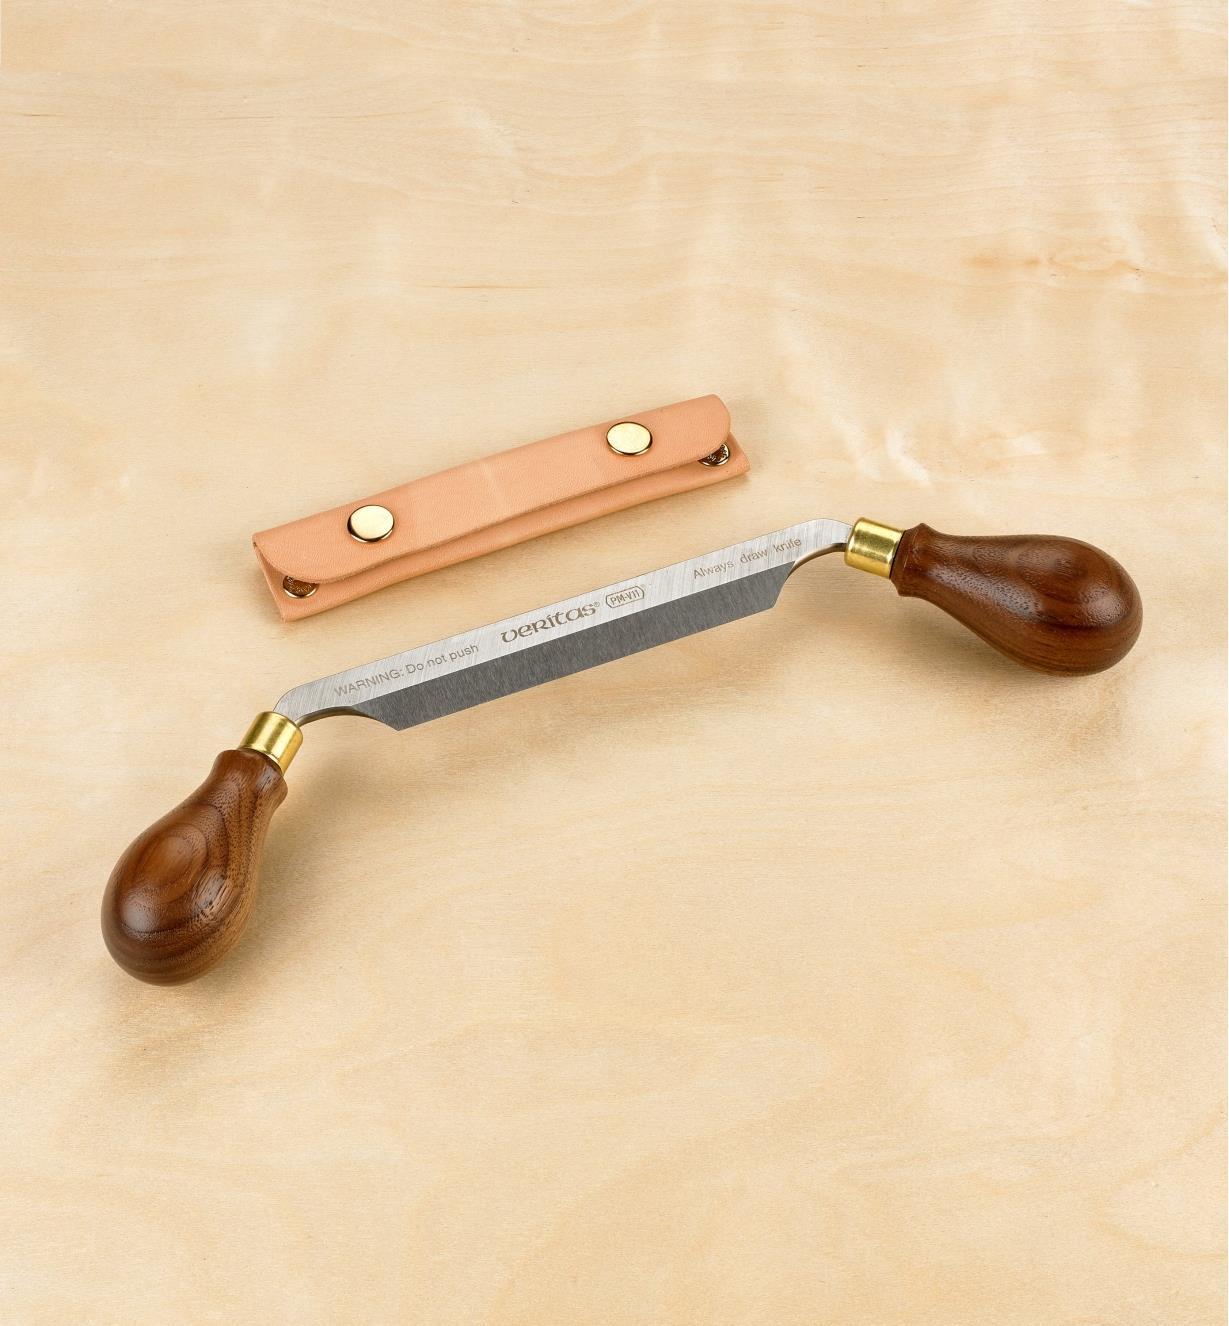 17U0651 - PM-V11 Carver's Drawknife with Case